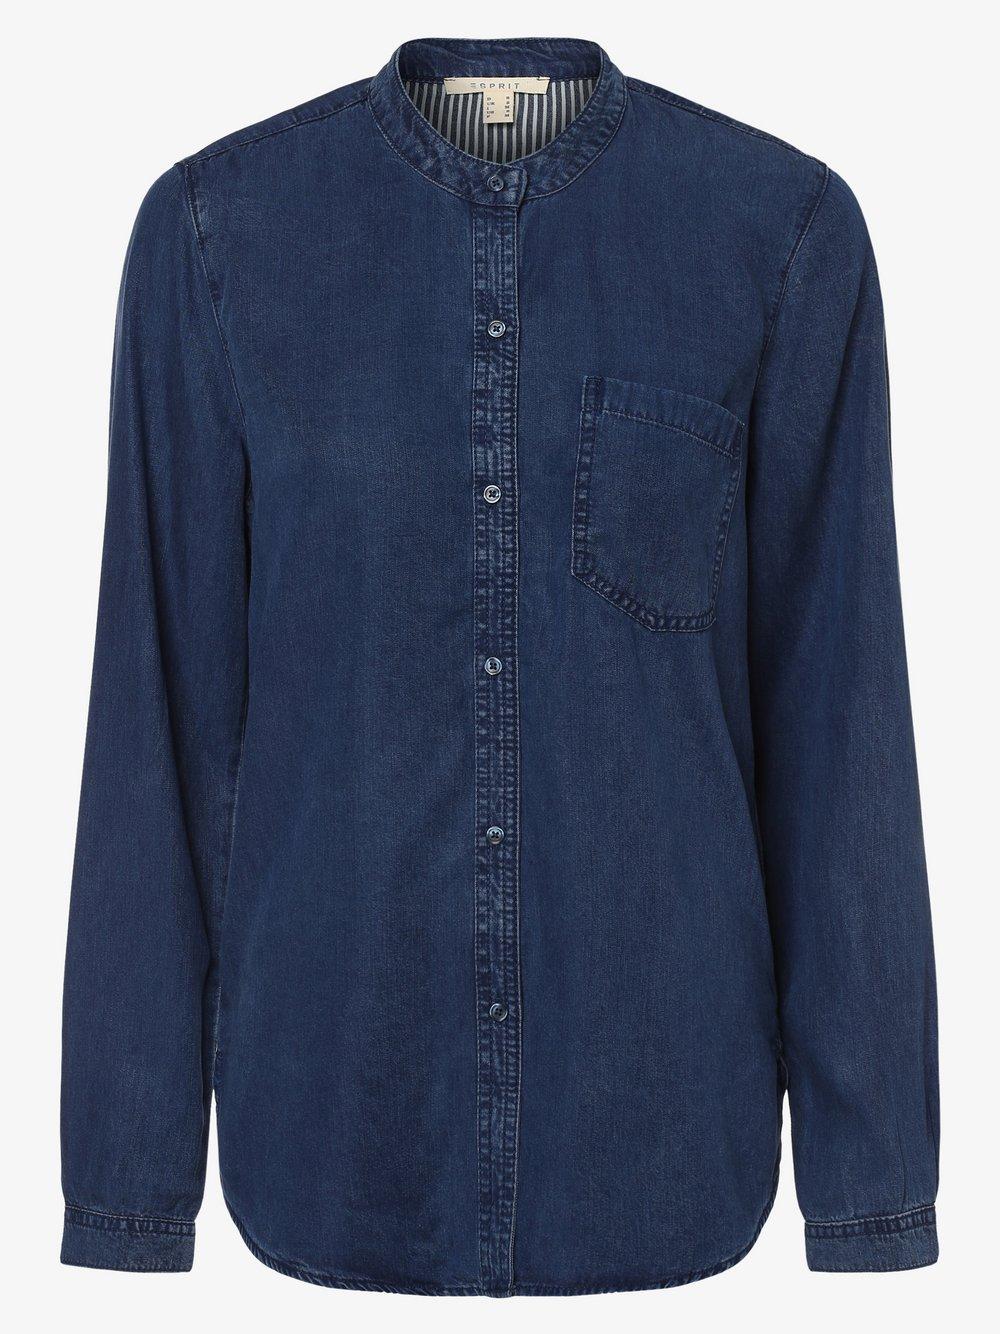 Esprit Casual – Bluzka damska, niebieski Van Graaf 453577-0001